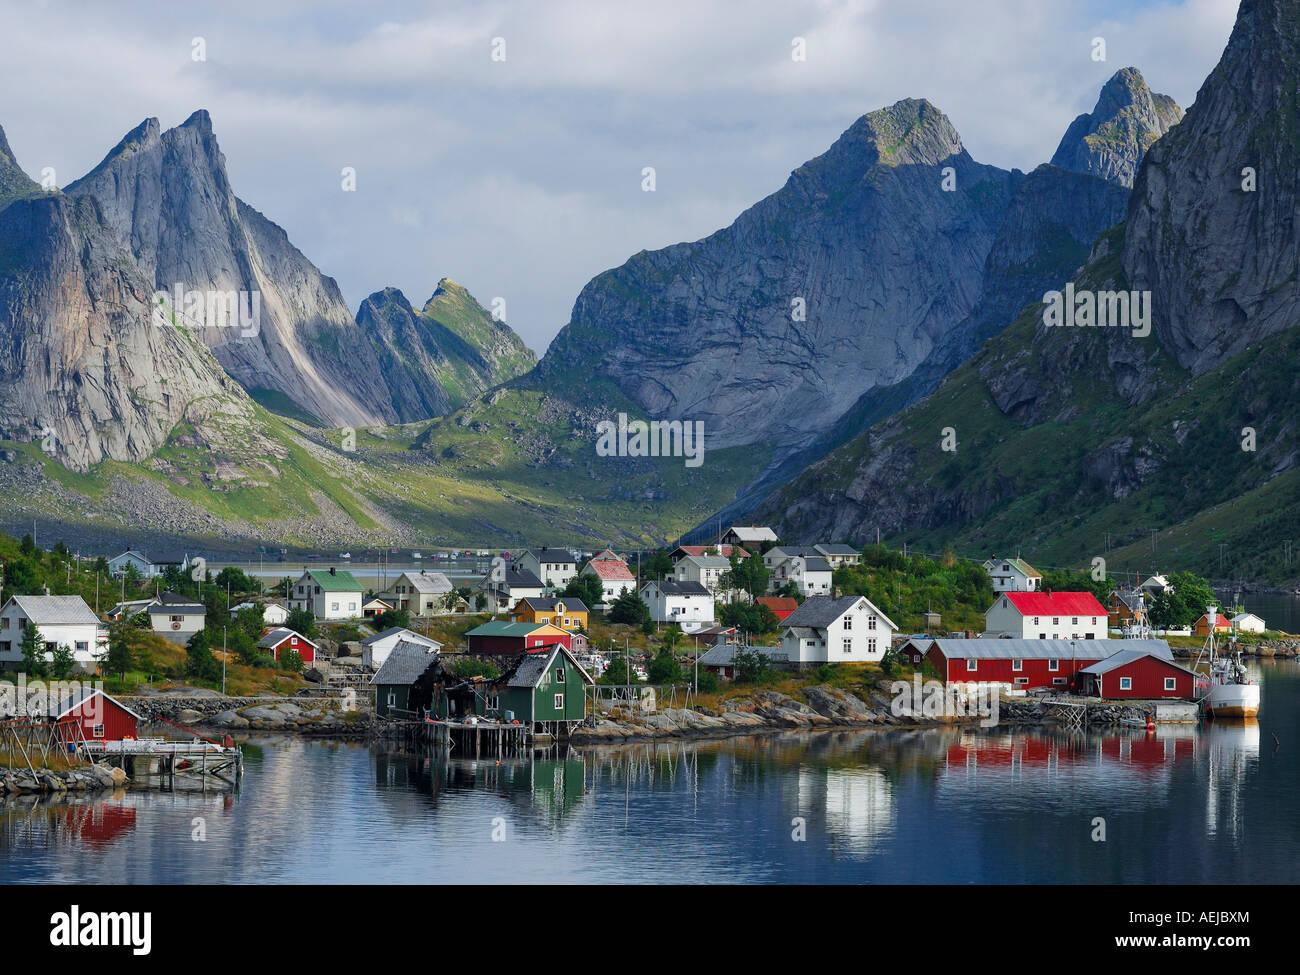 fischerei dorf reine moskenes lofoten norwegen skandinavien stockfoto bild 13695787 alamy. Black Bedroom Furniture Sets. Home Design Ideas